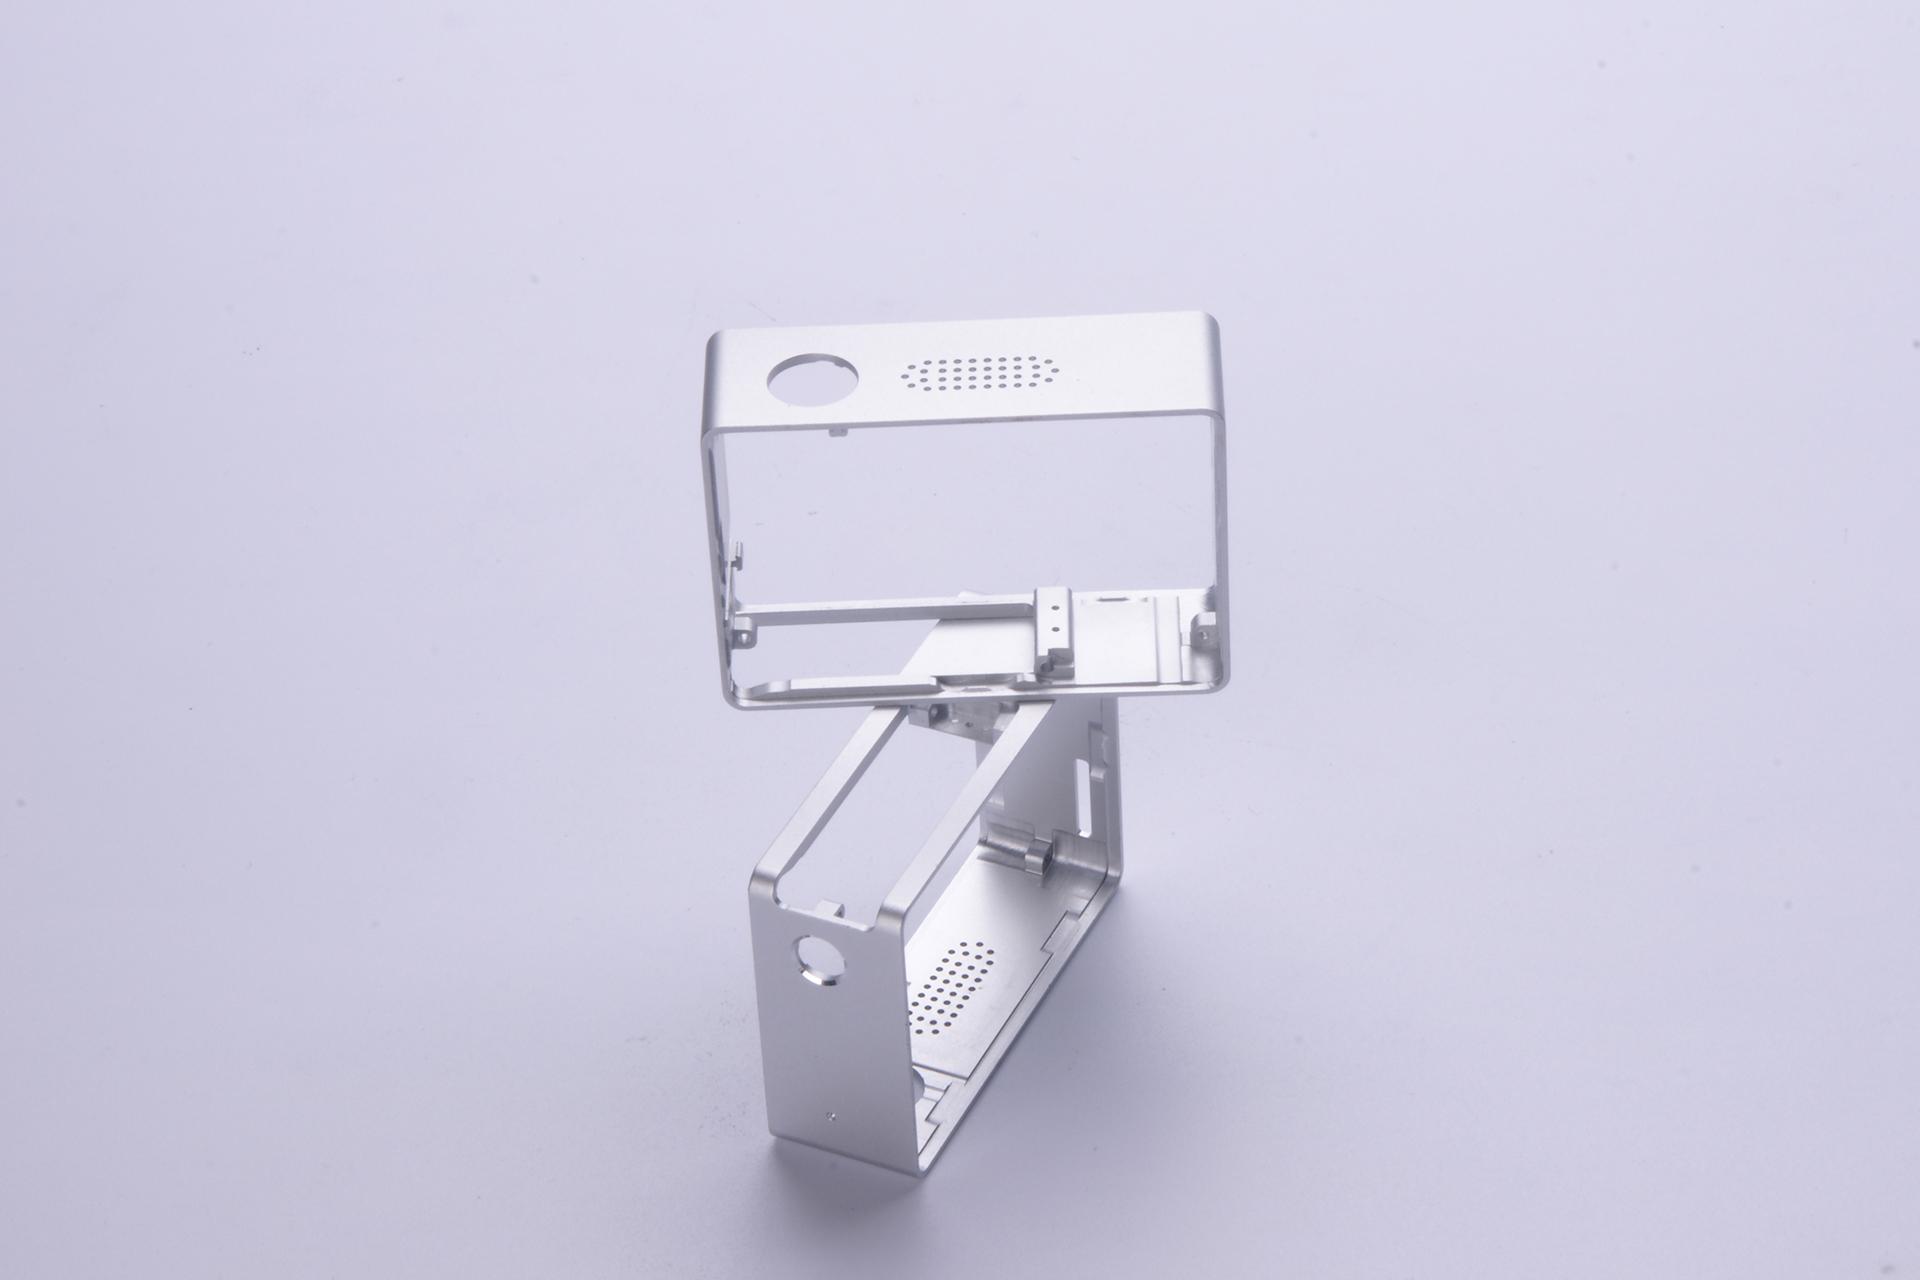 DSC00190運動攝像機外殼